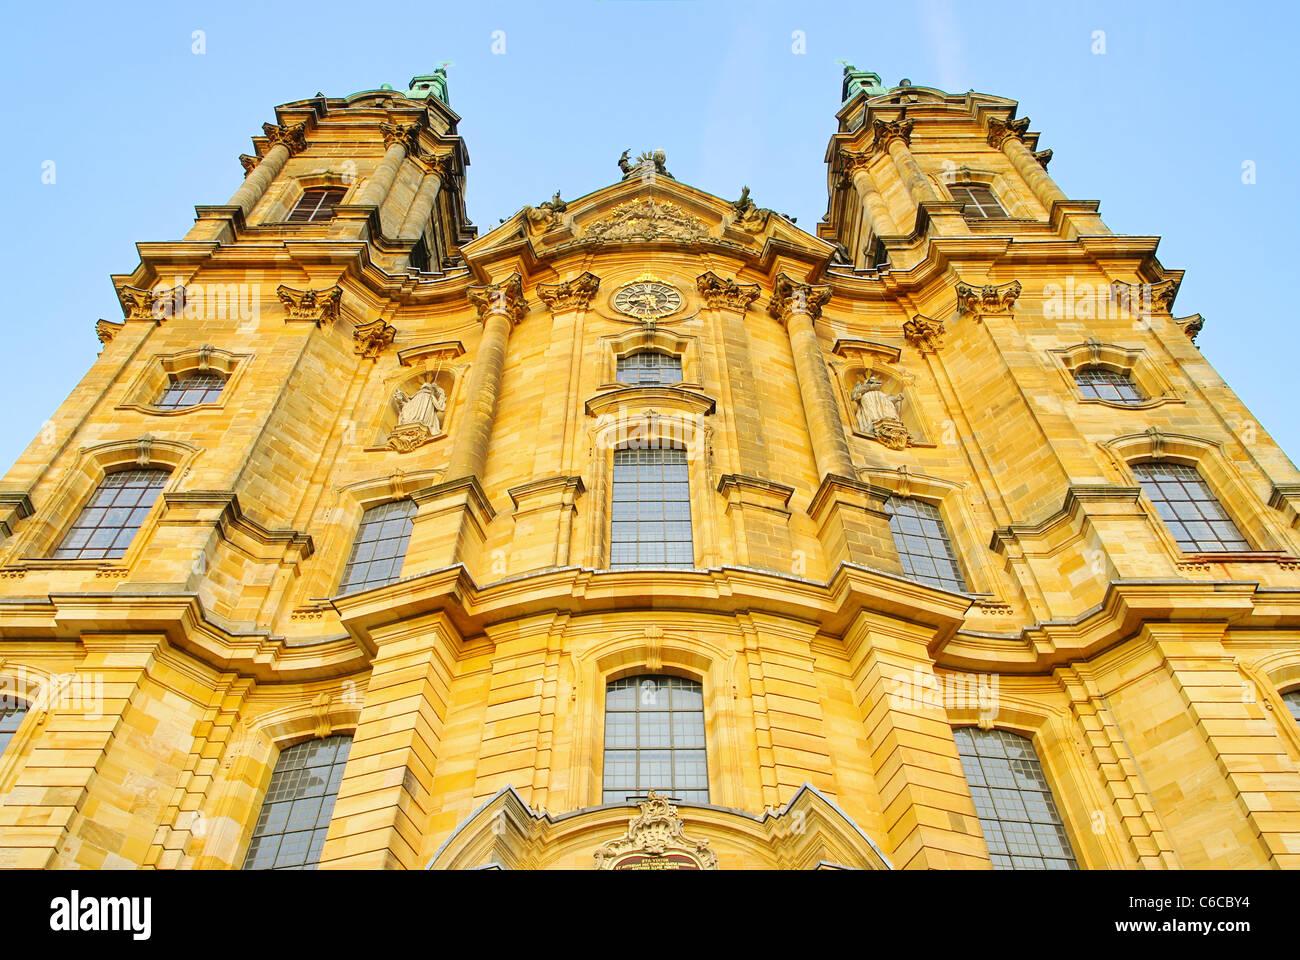 Basilika Vierzehnheiligen - Basílica de los catorce Ayudantes Santo 01 Imagen De Stock